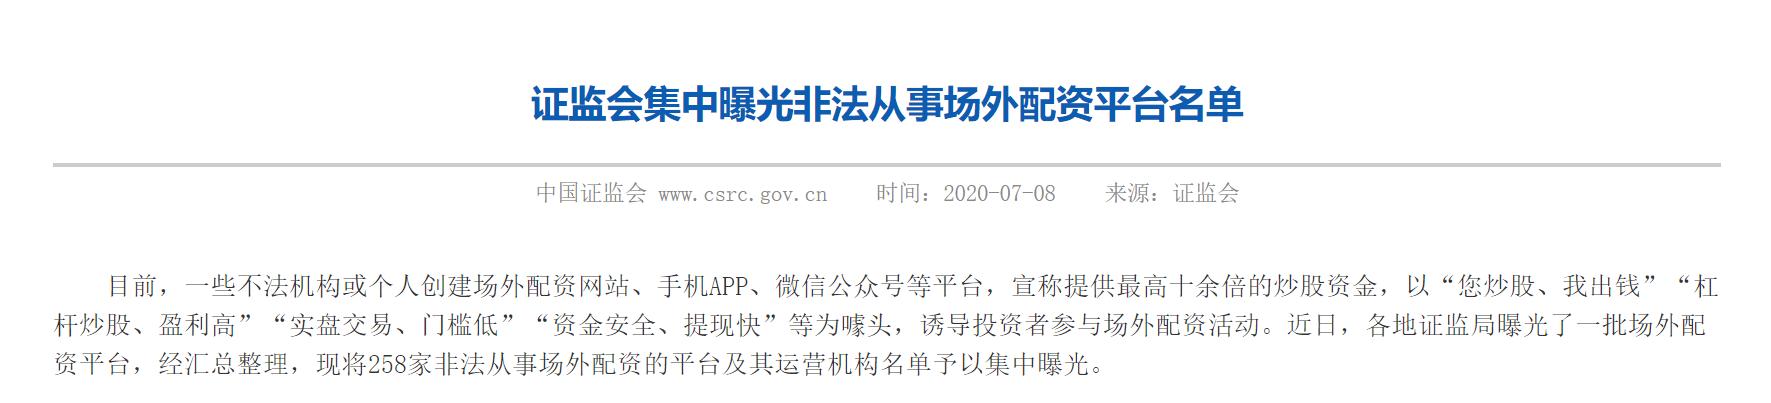 """258家非法平台被""""点名"""" 证监会喊话投资者:远离""""场外配资"""""""